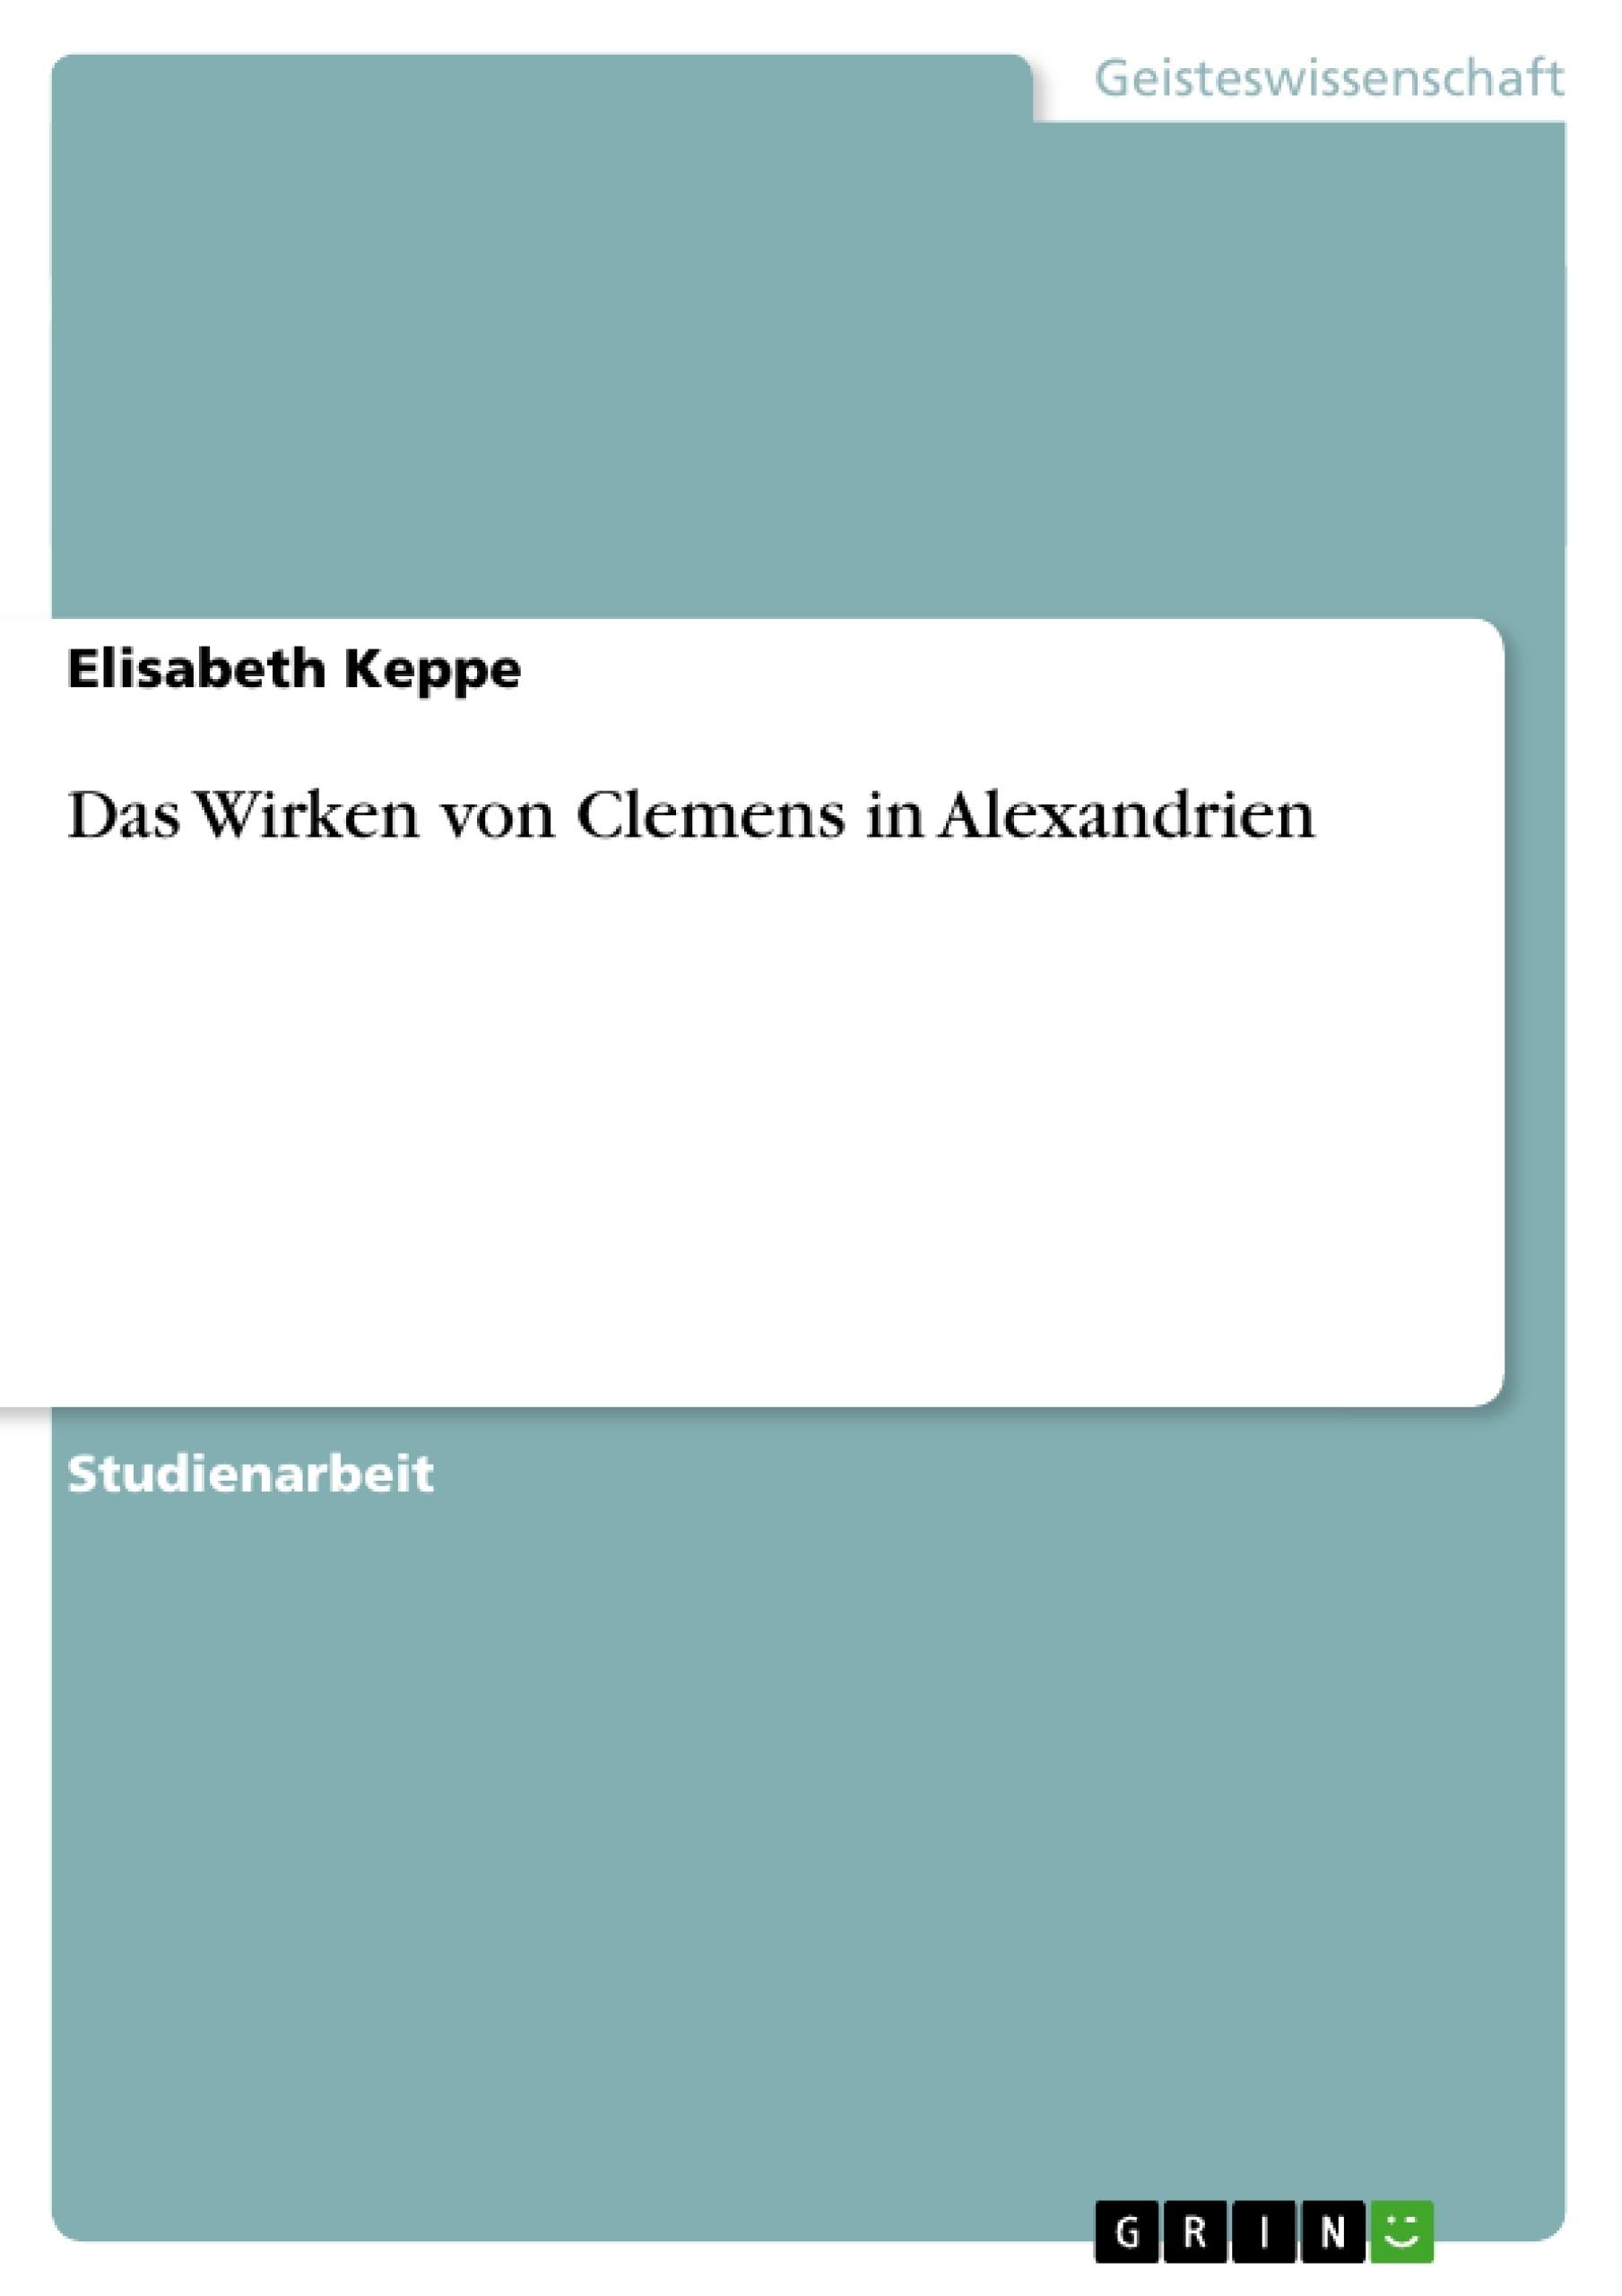 Titel: Das Wirken von Clemens in Alexandrien